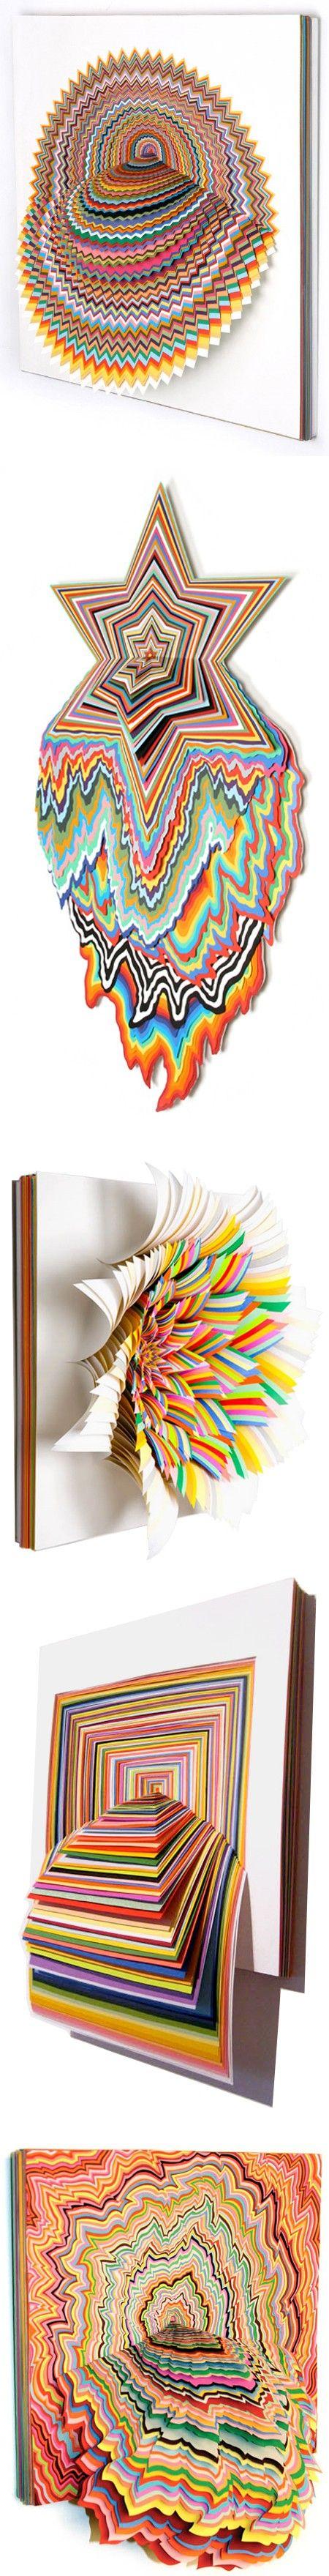 Jen stark leve o design e a criatividade sempre com for 3d paper craft ideas from jen stark